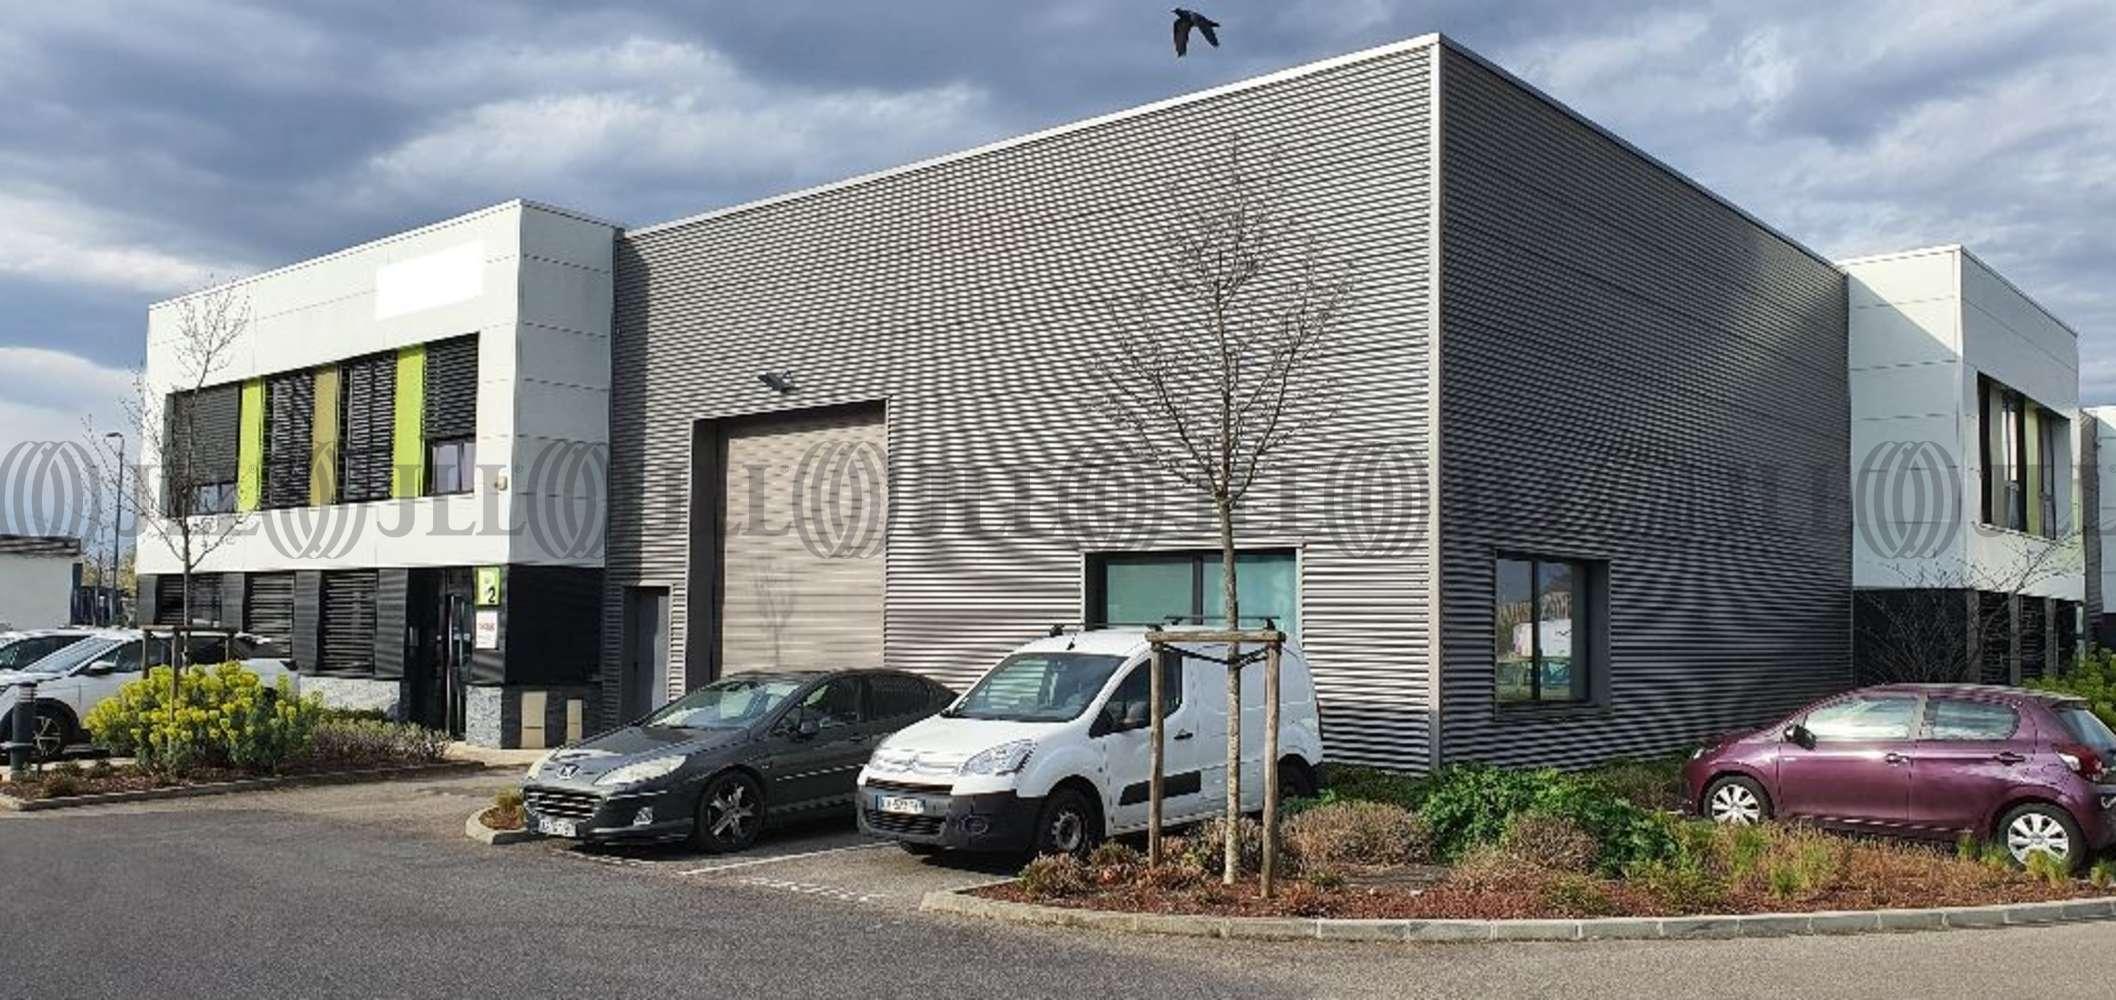 Activités/entrepôt Vaulx en velin, 69120 - Location entrepot Vaulx-en-Velin - Rhône - 10928898